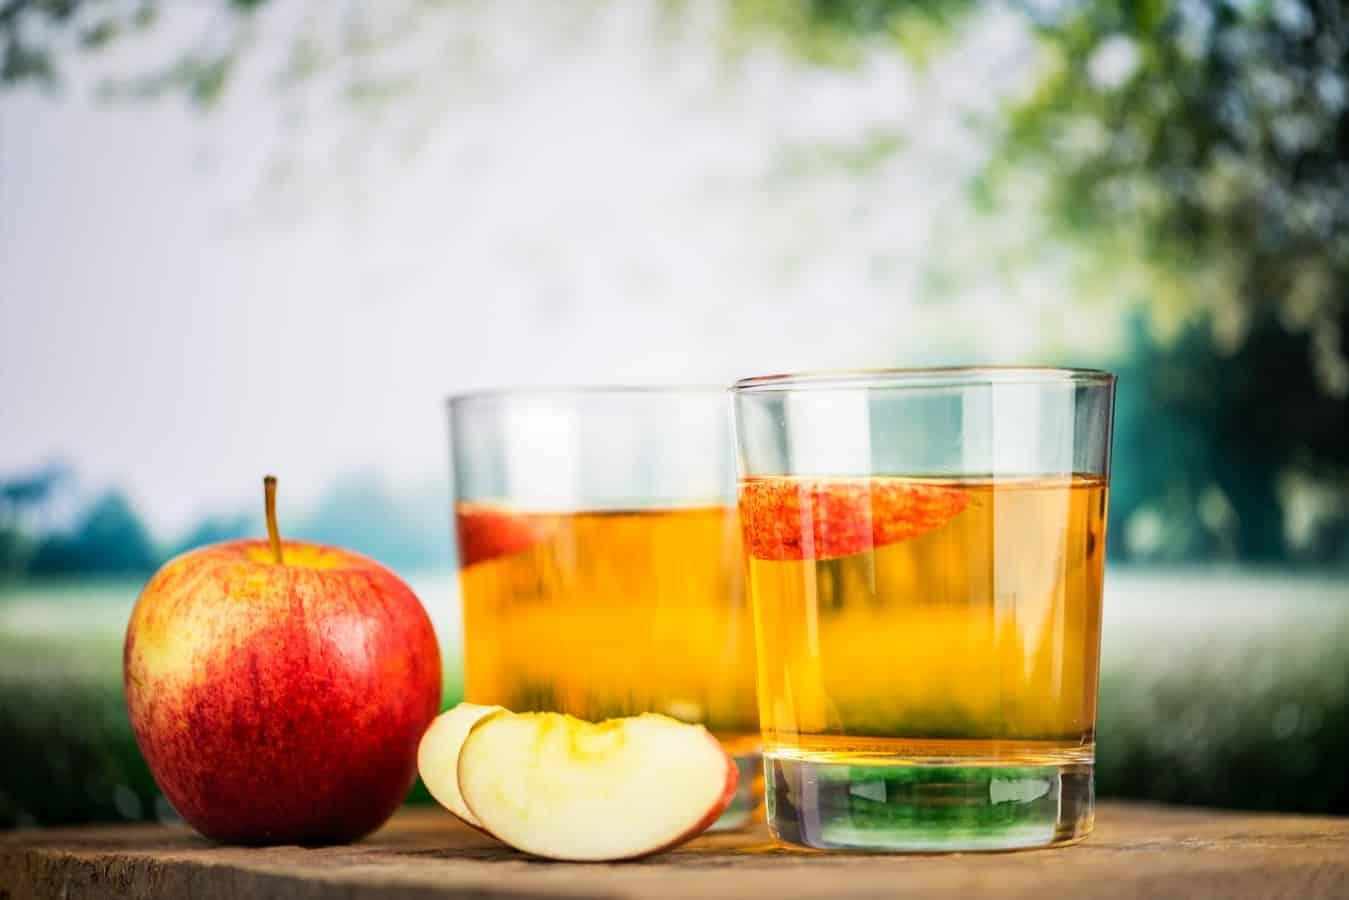 כוסות עם סיידר תפוחים על שולחן בטבע